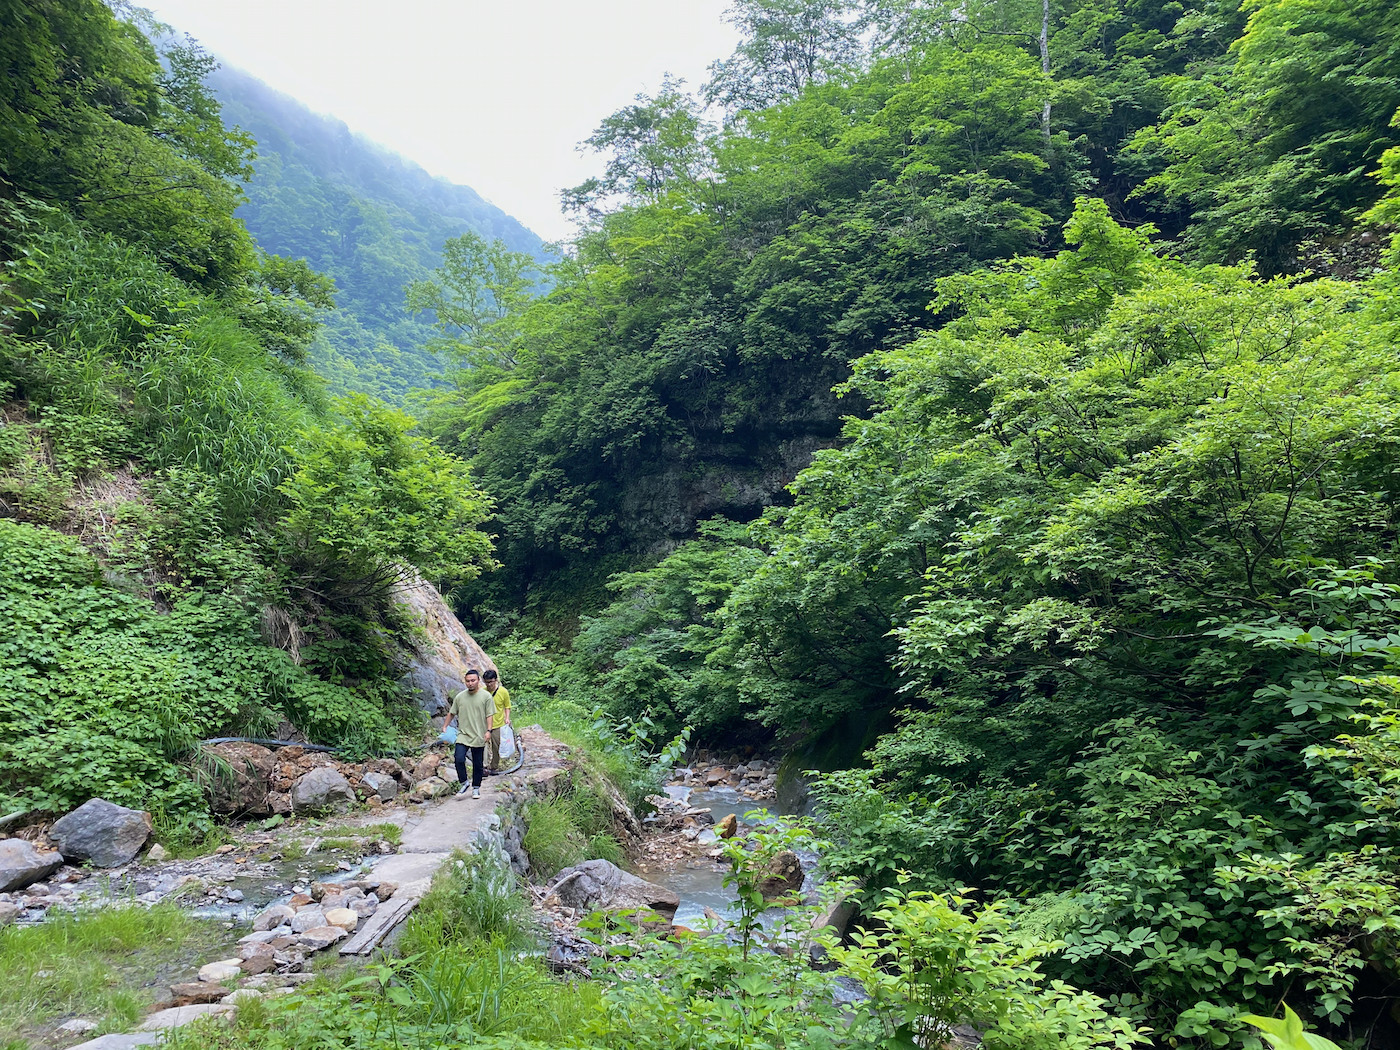 秘湯、燕温泉に向かう山道